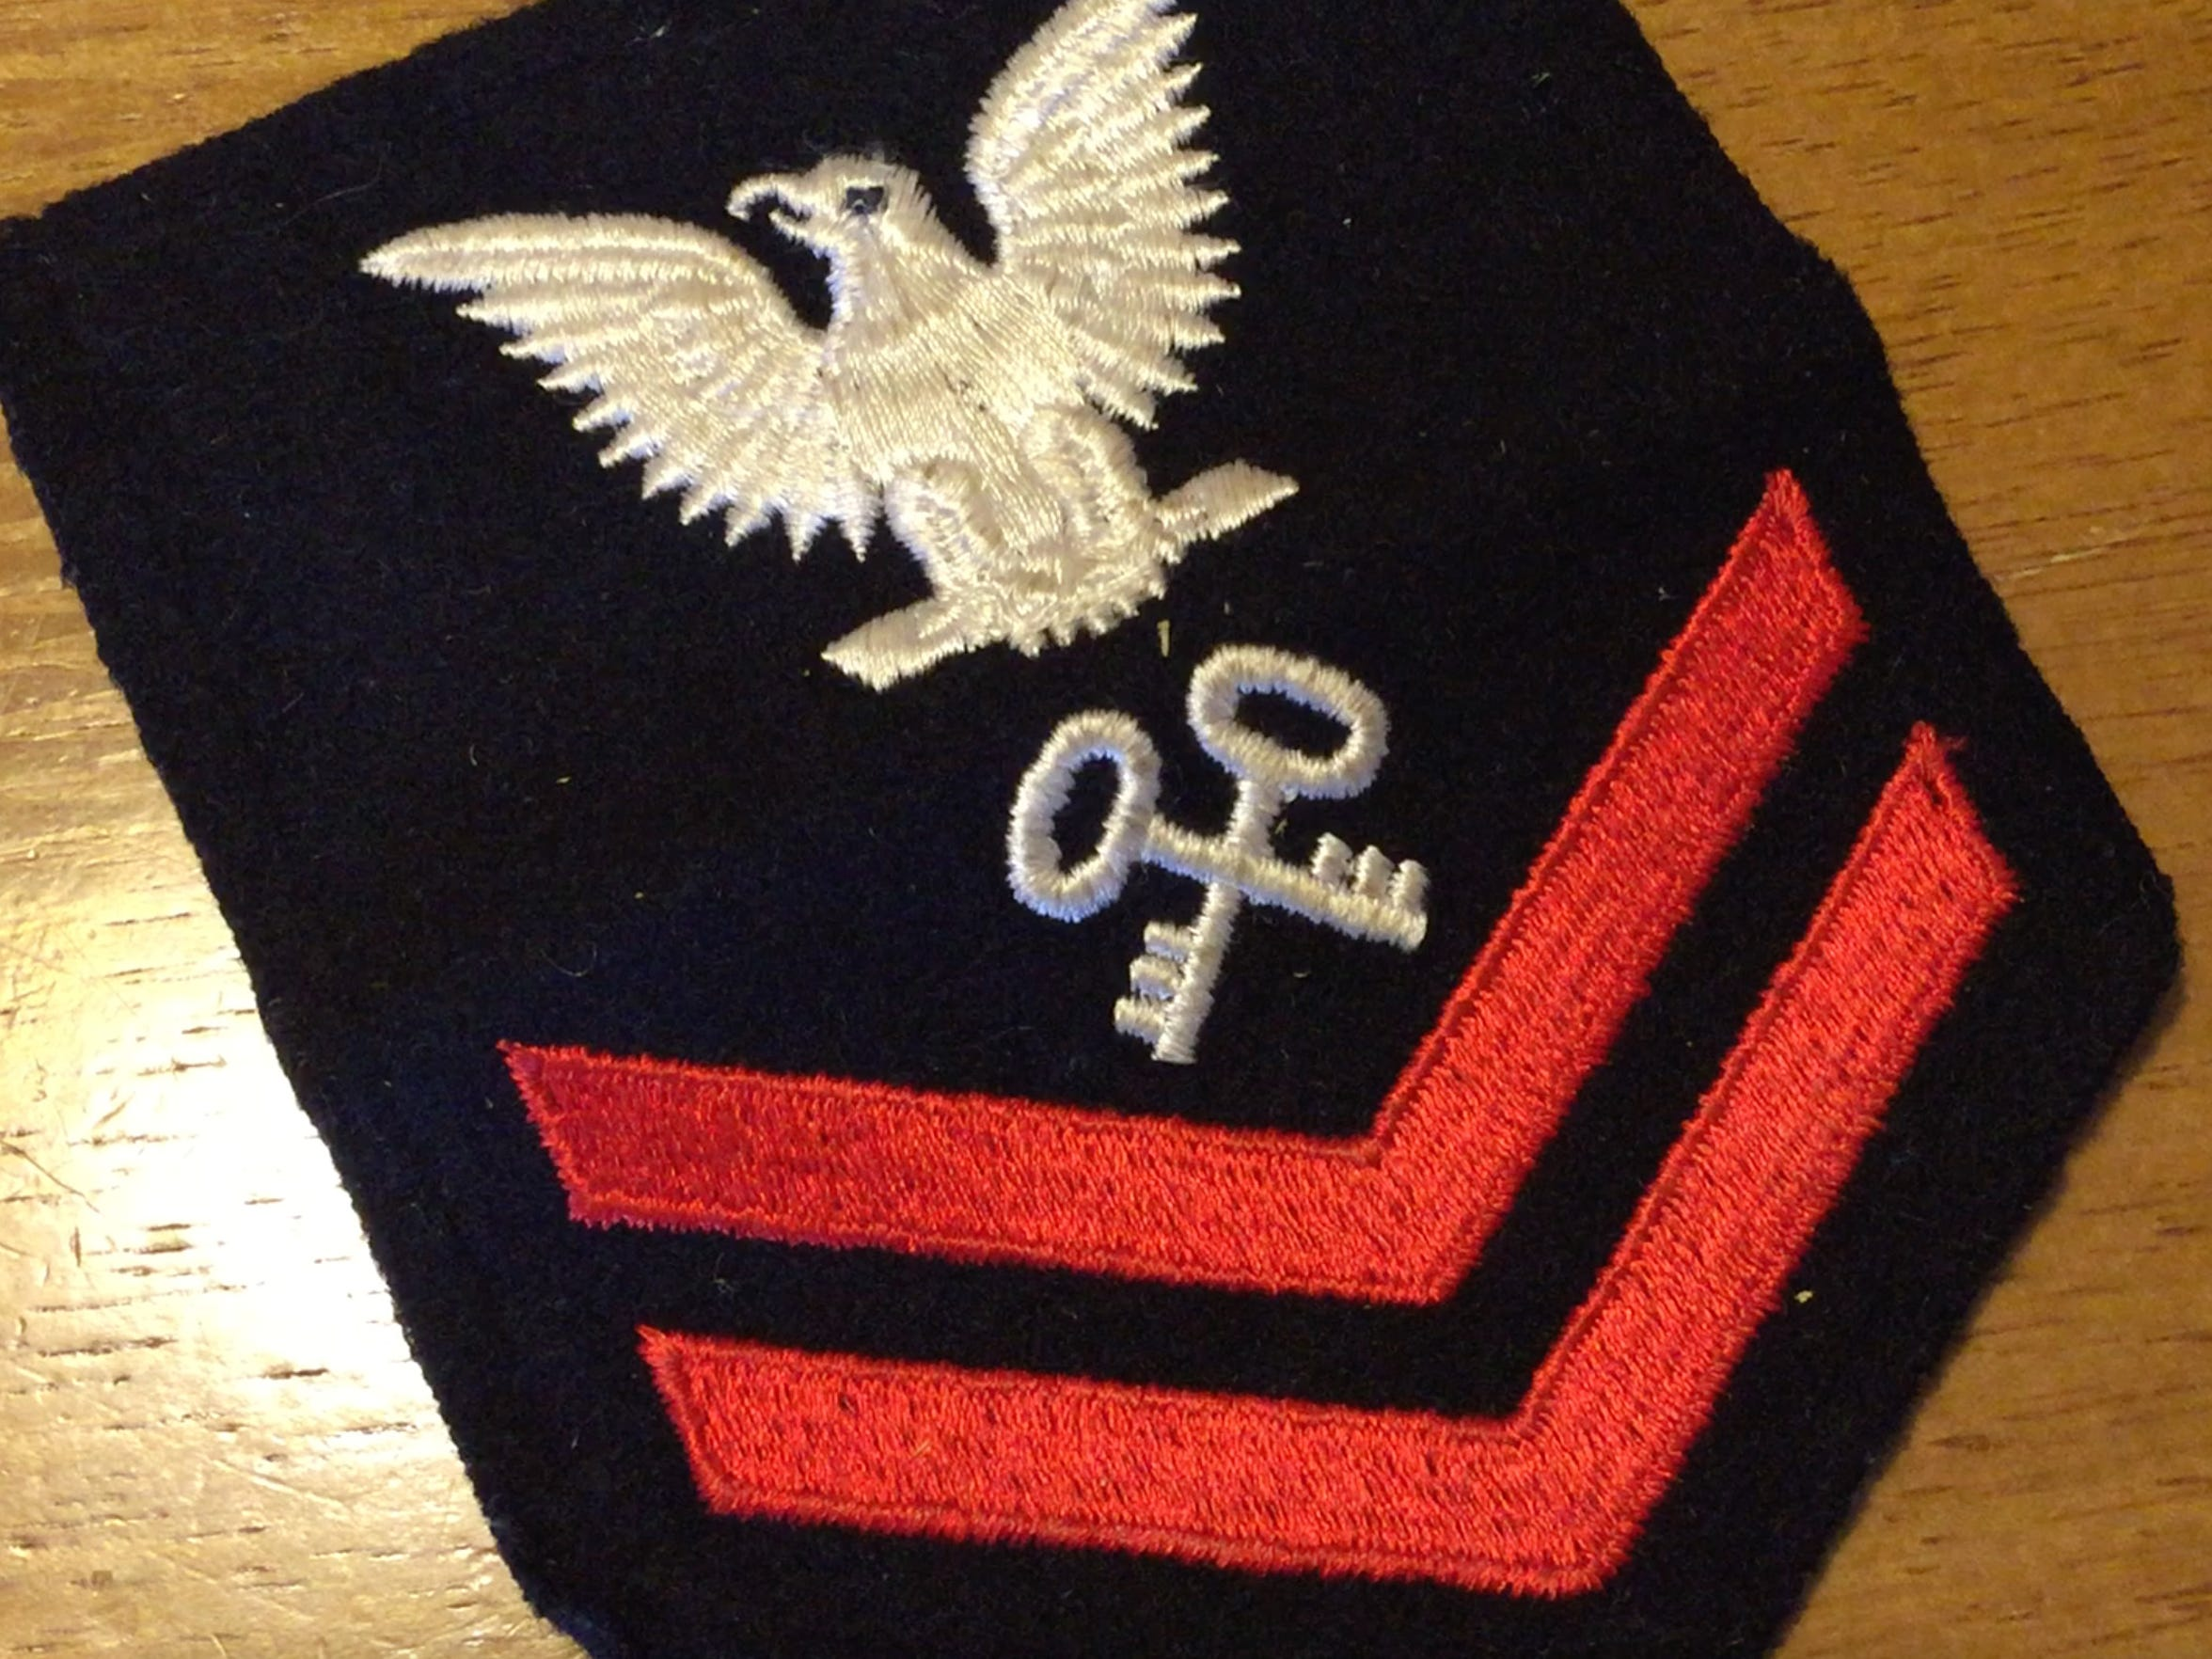 James Reardon's Navy rank insignia.